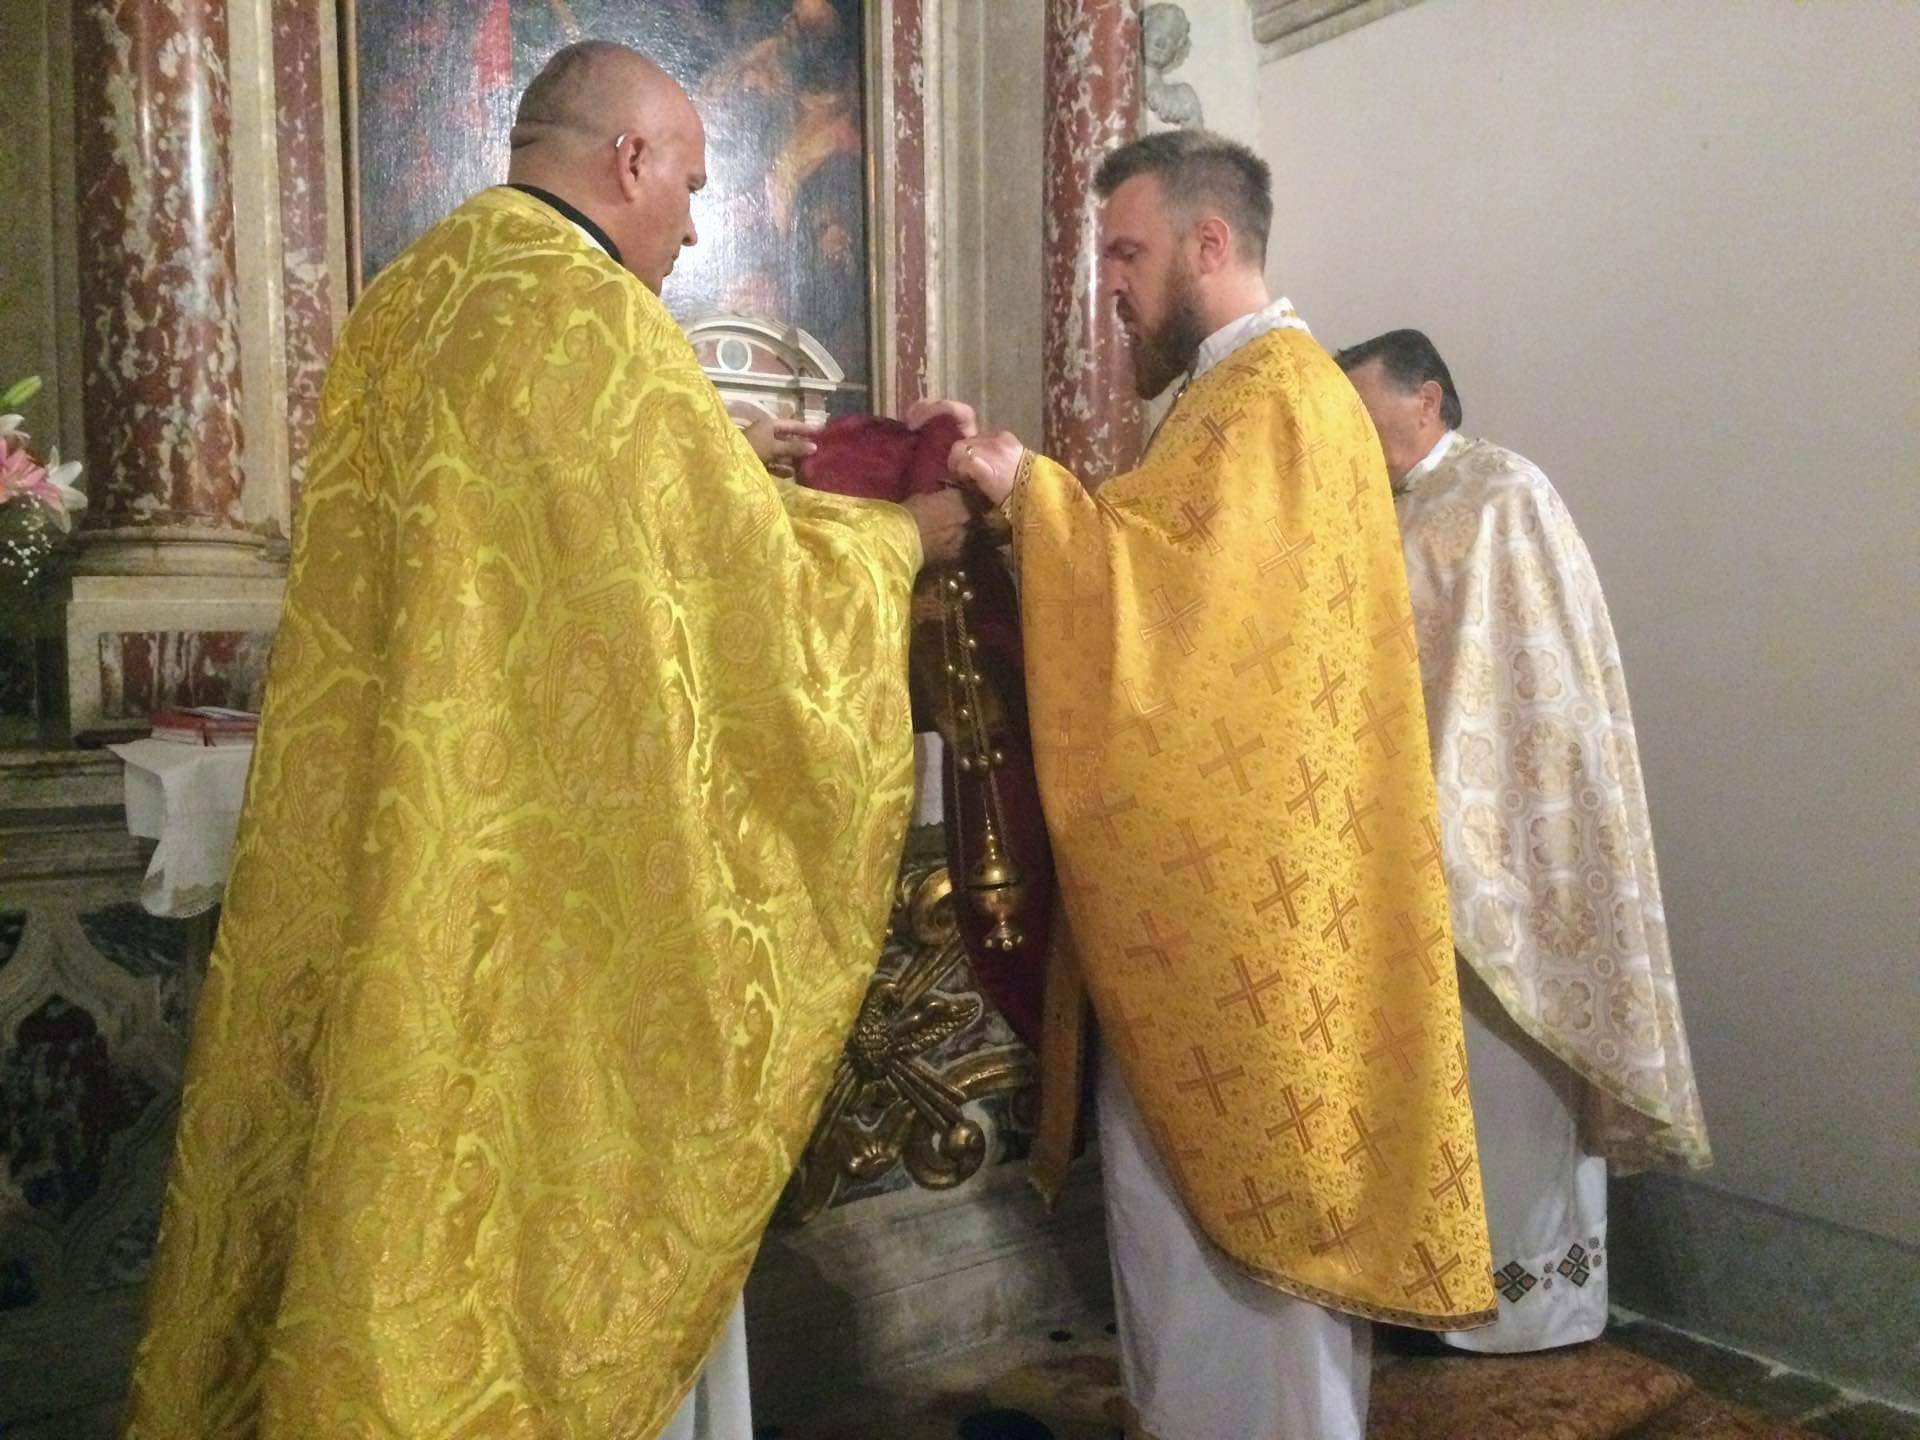 Grkokatolička liturgija u Splitu služi se redovito zadnje nedjelje u mjesecu